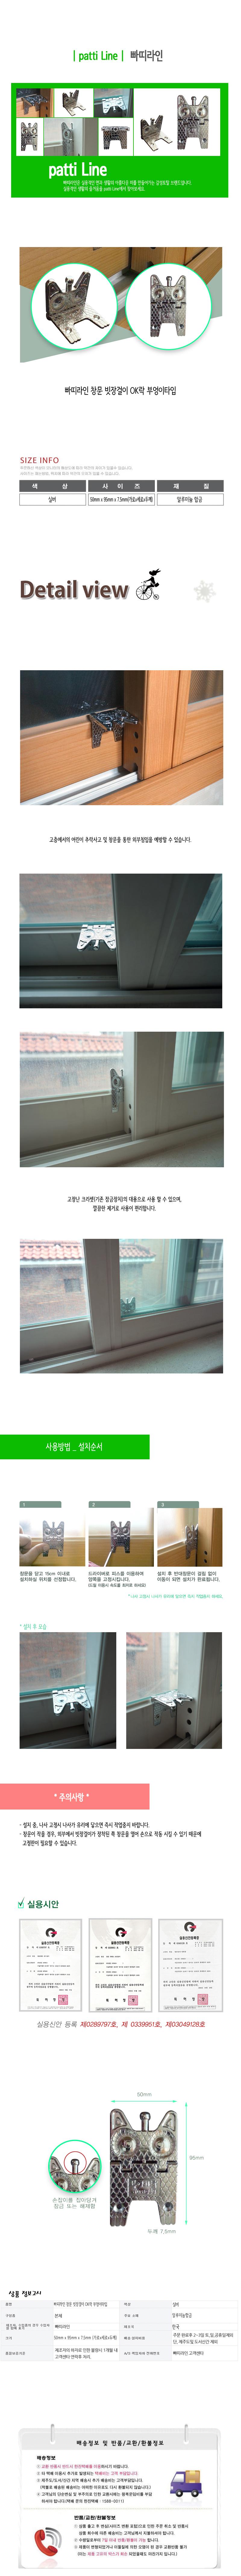 창문 빗장걸이 OK락 부엉이타입 - 빠띠빠띠, 6,500원, 생활잡화, 도어스토퍼